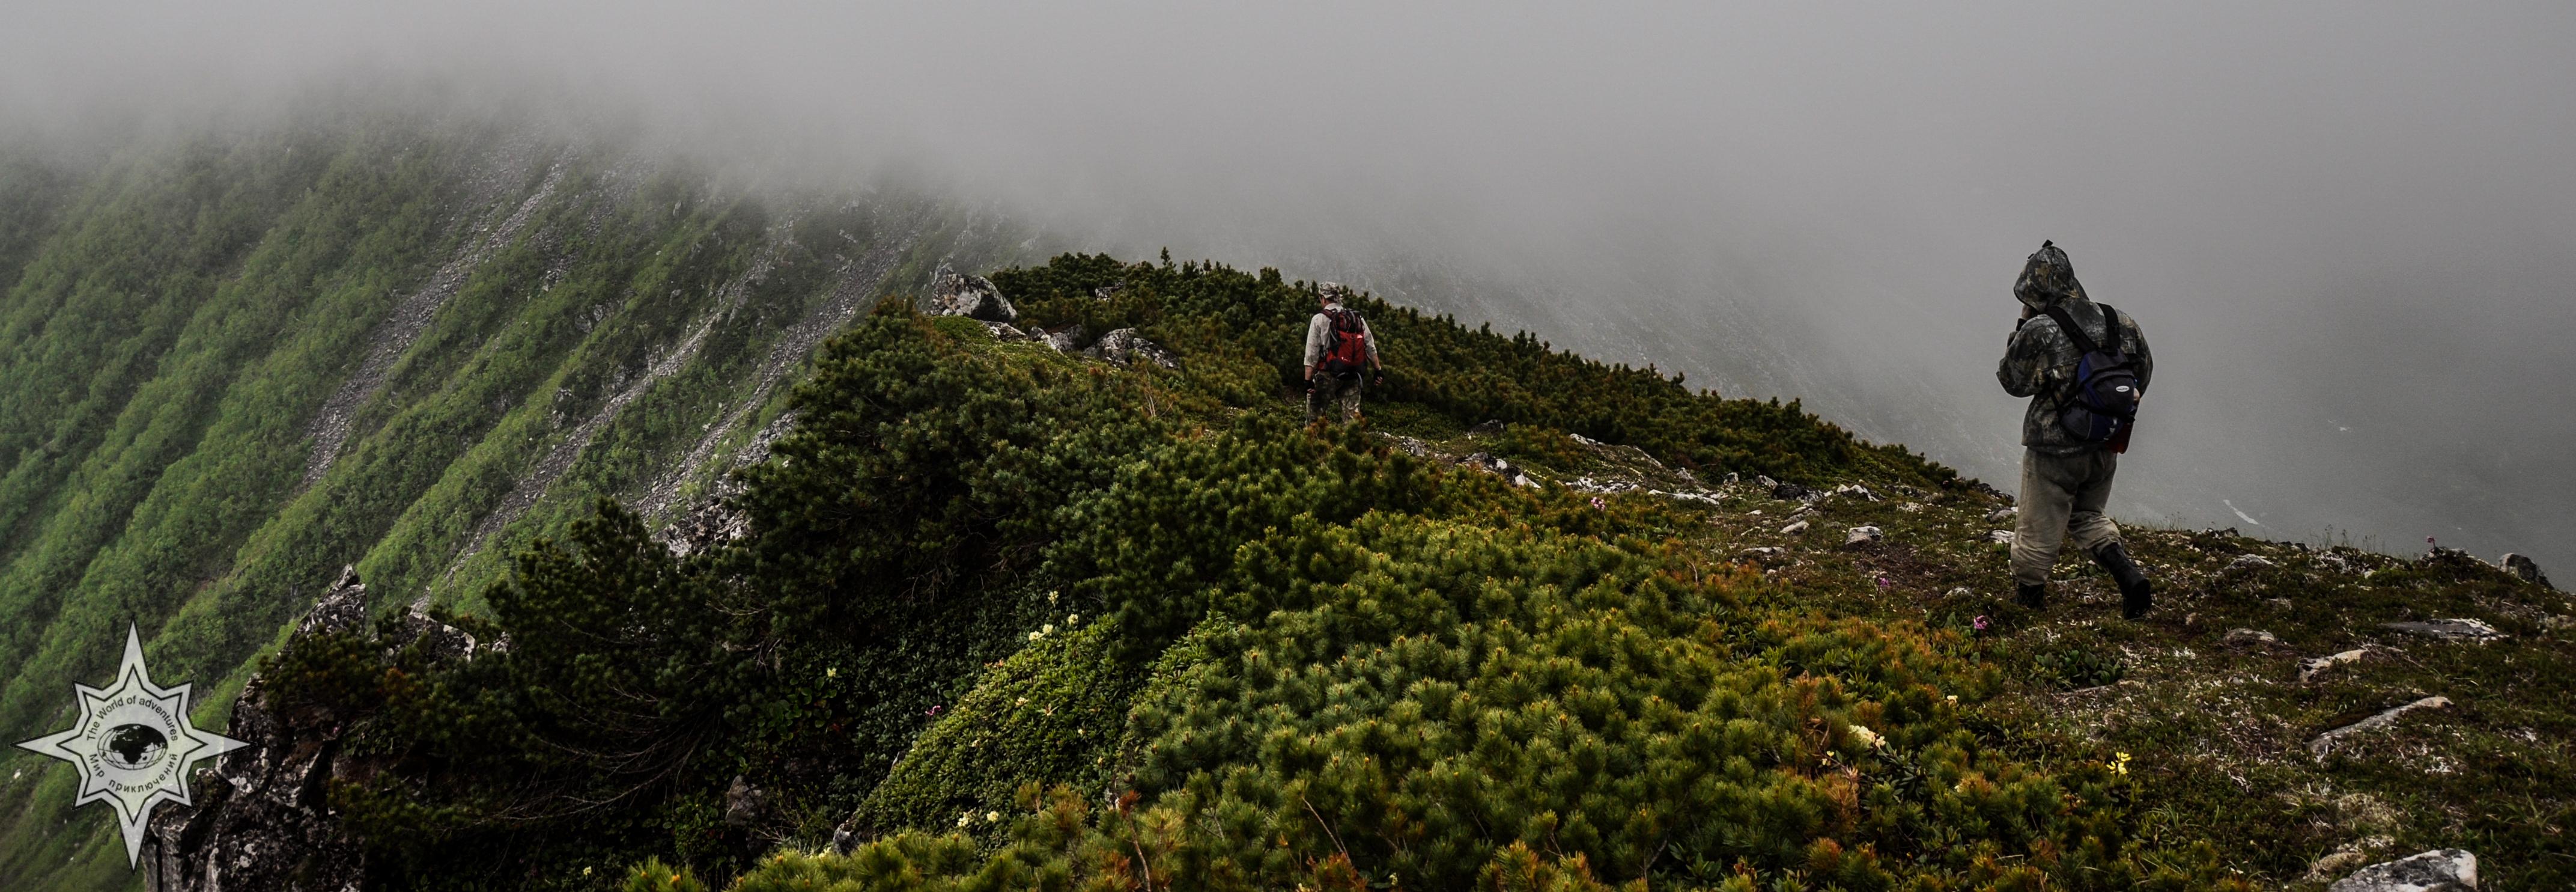 Восхождение на гору Ко 2004 м